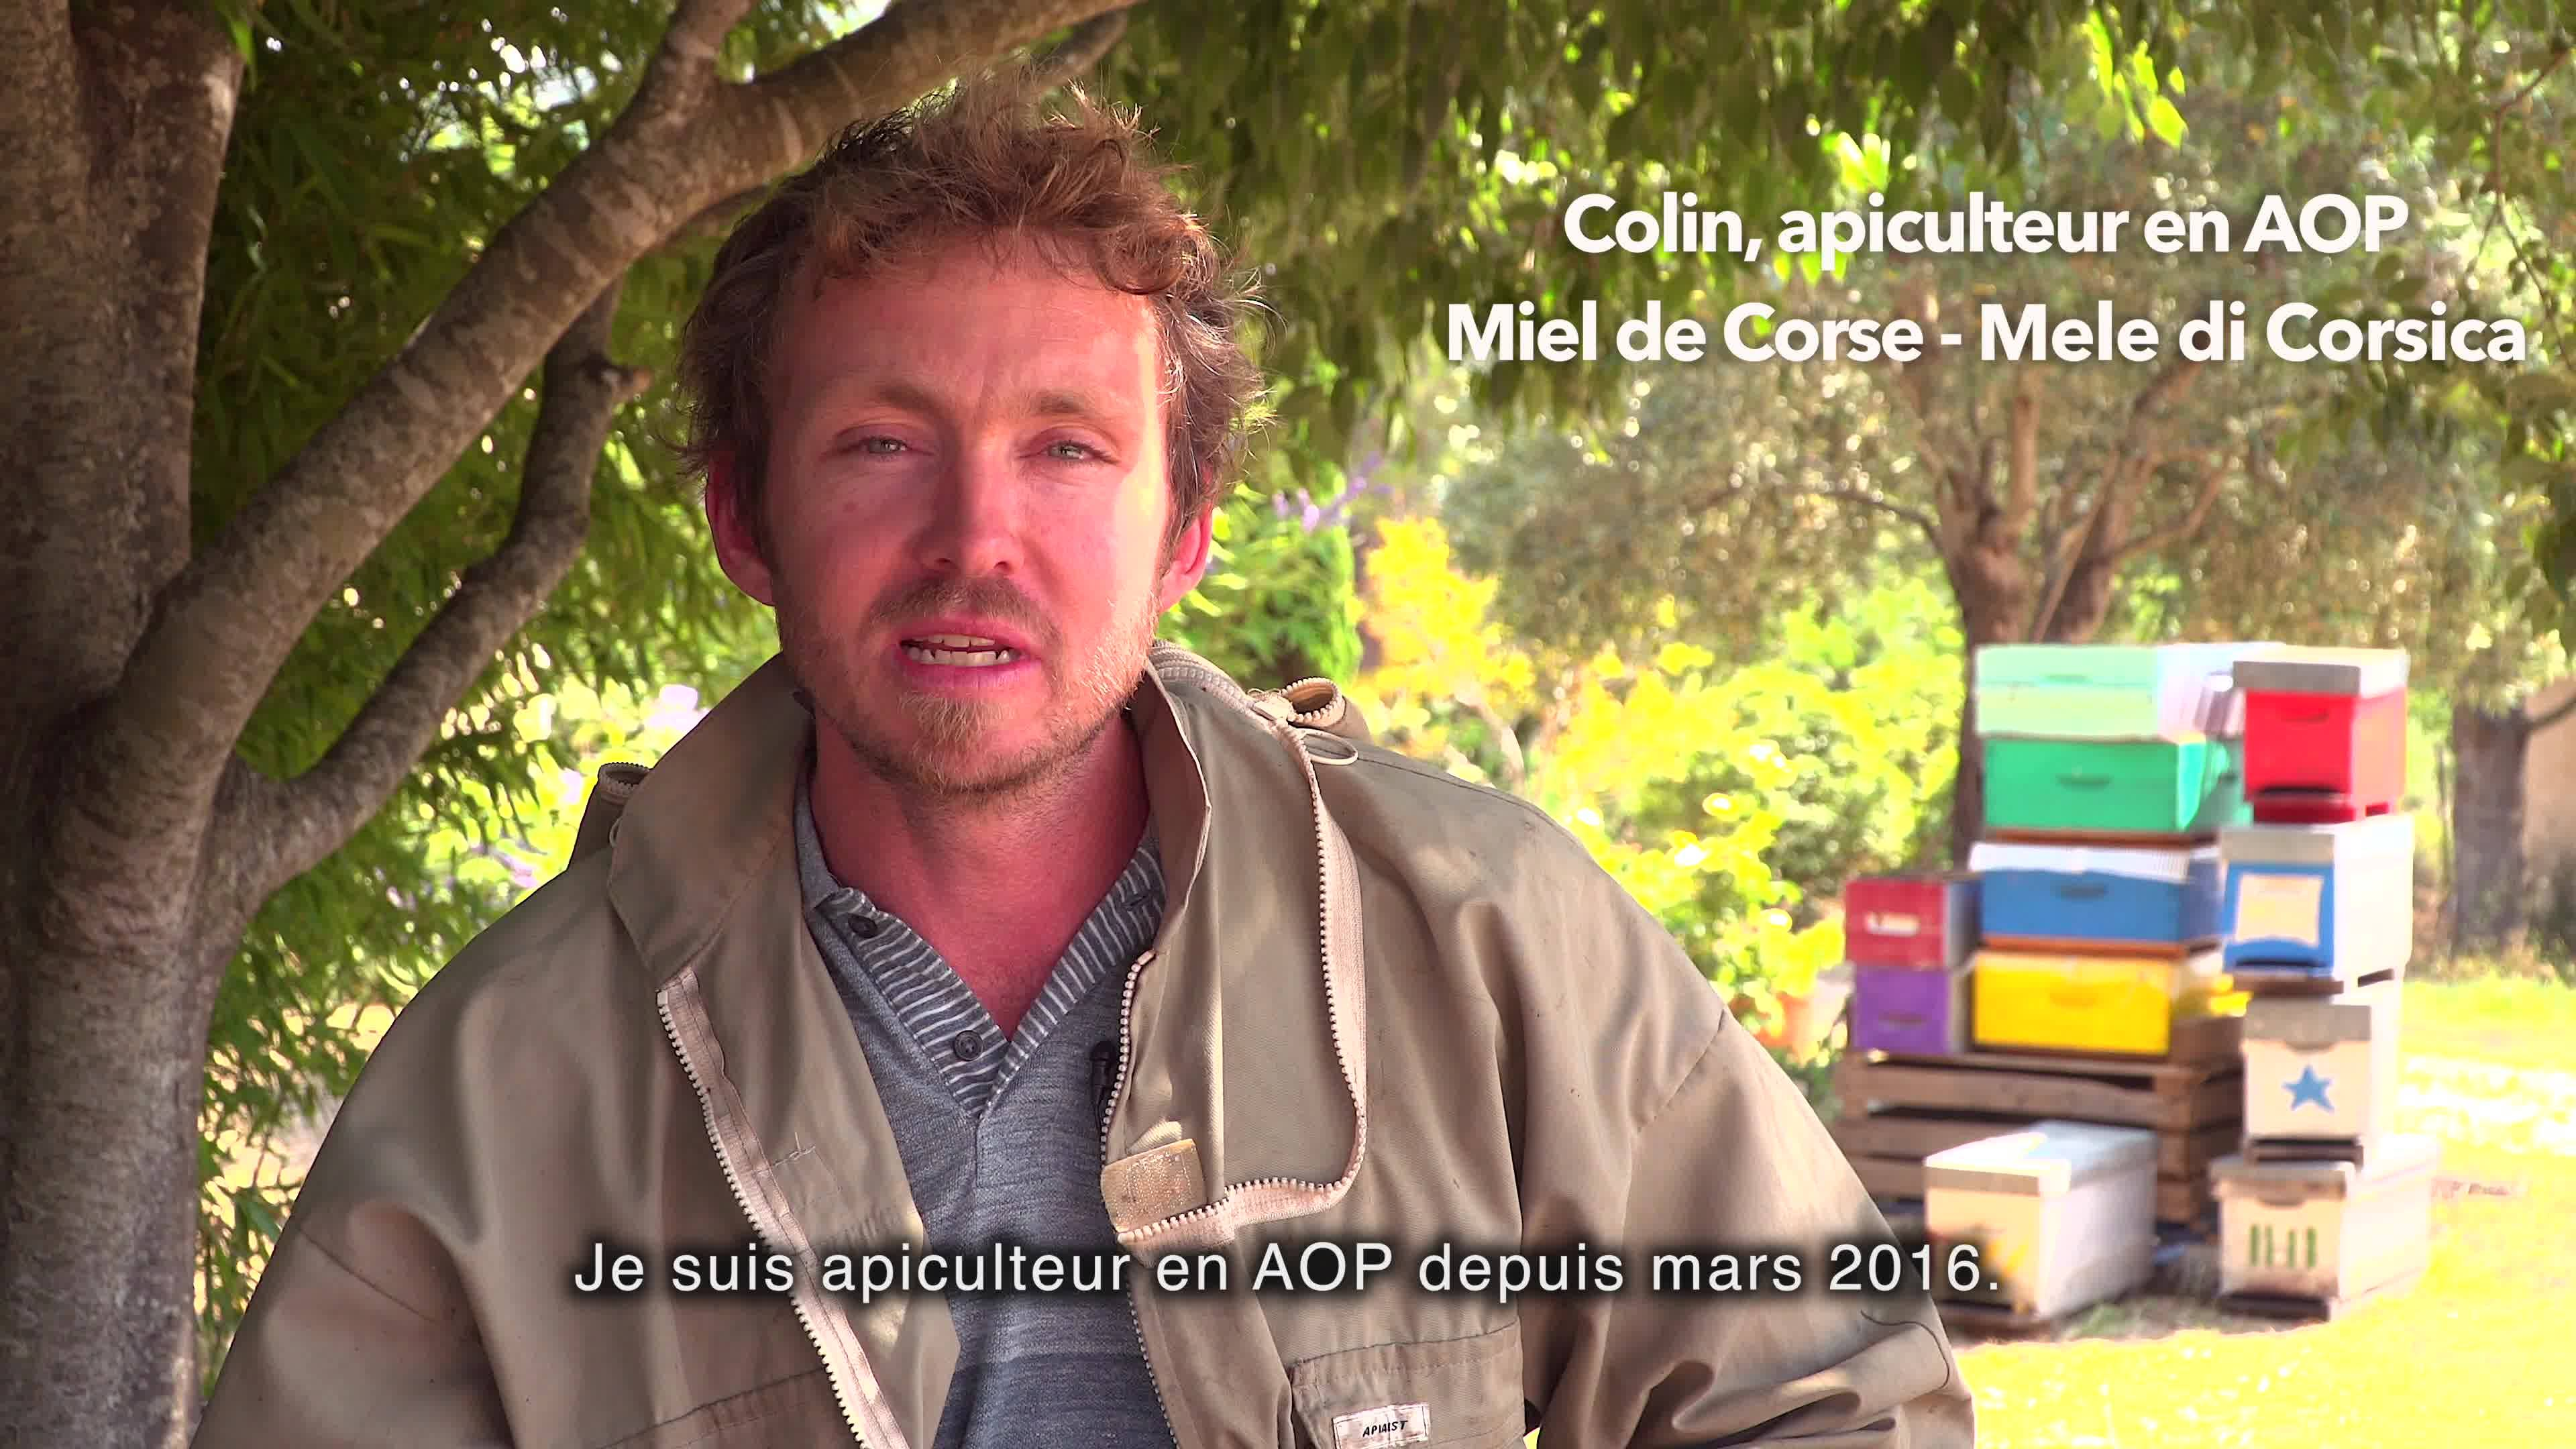 Portrait d'apiculteur en AOP Miel de Corse - Mele di Corsica : Colin DUPRE, apiculteur à Calenzana